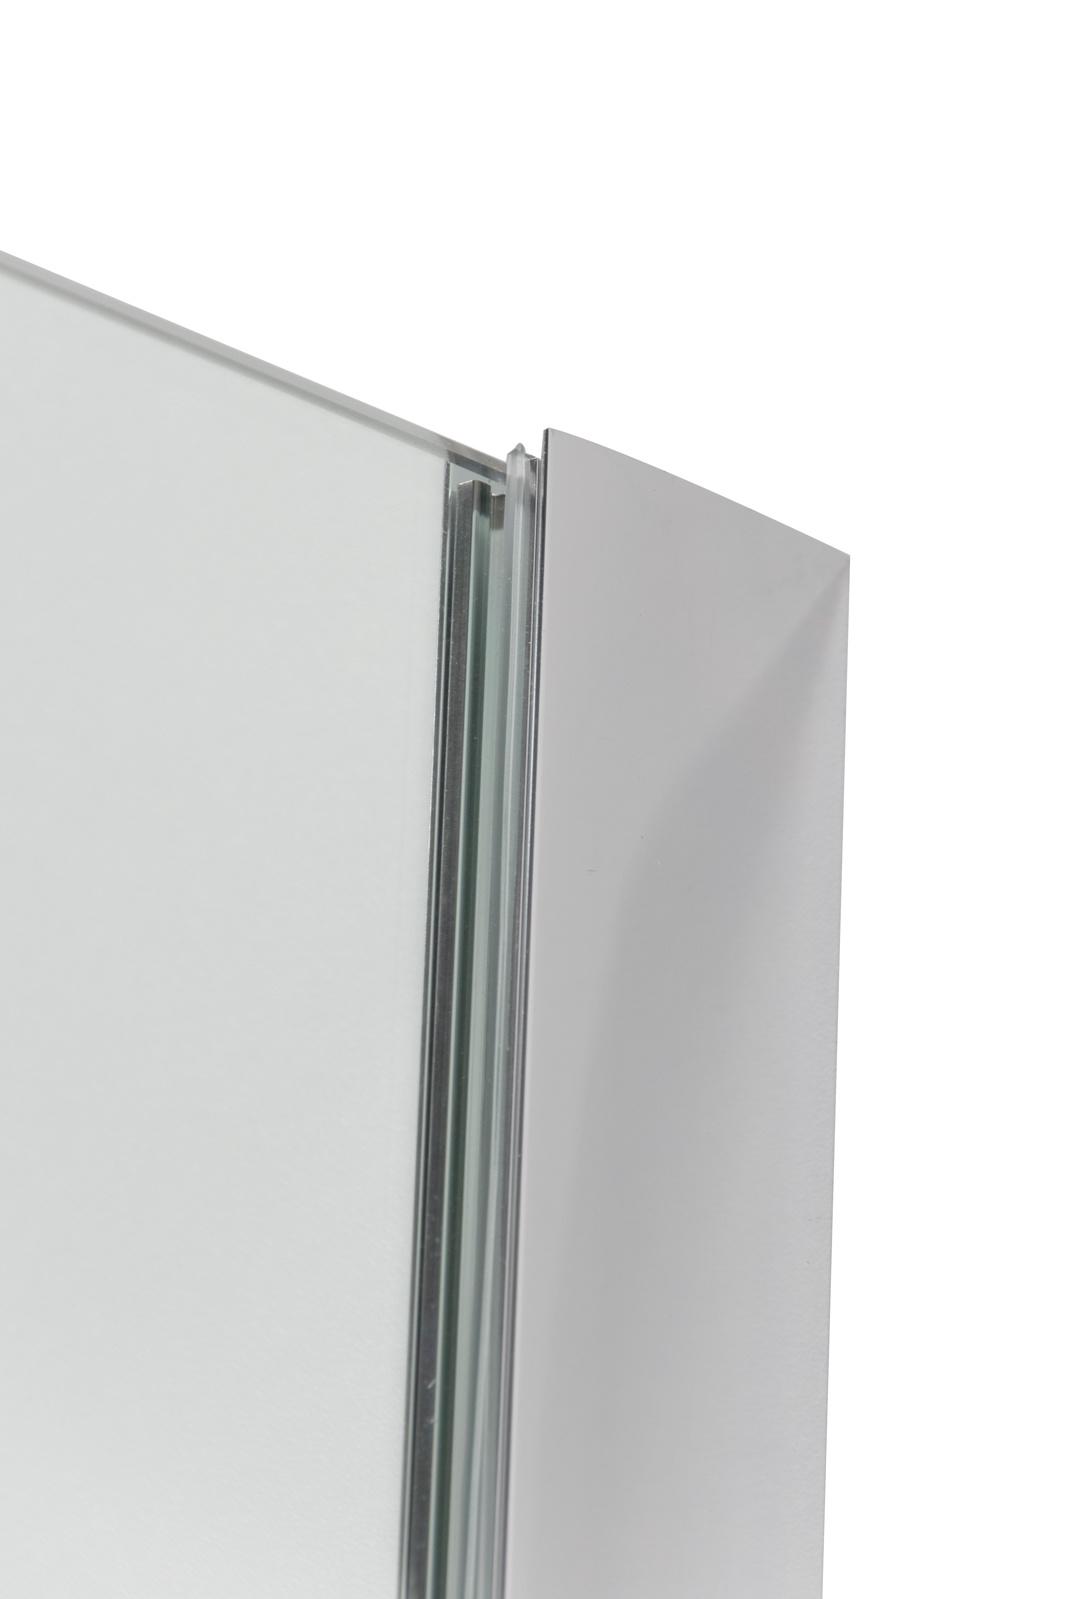 Linea Uno Inloopdouche Linea Uno 140 x 200 cm